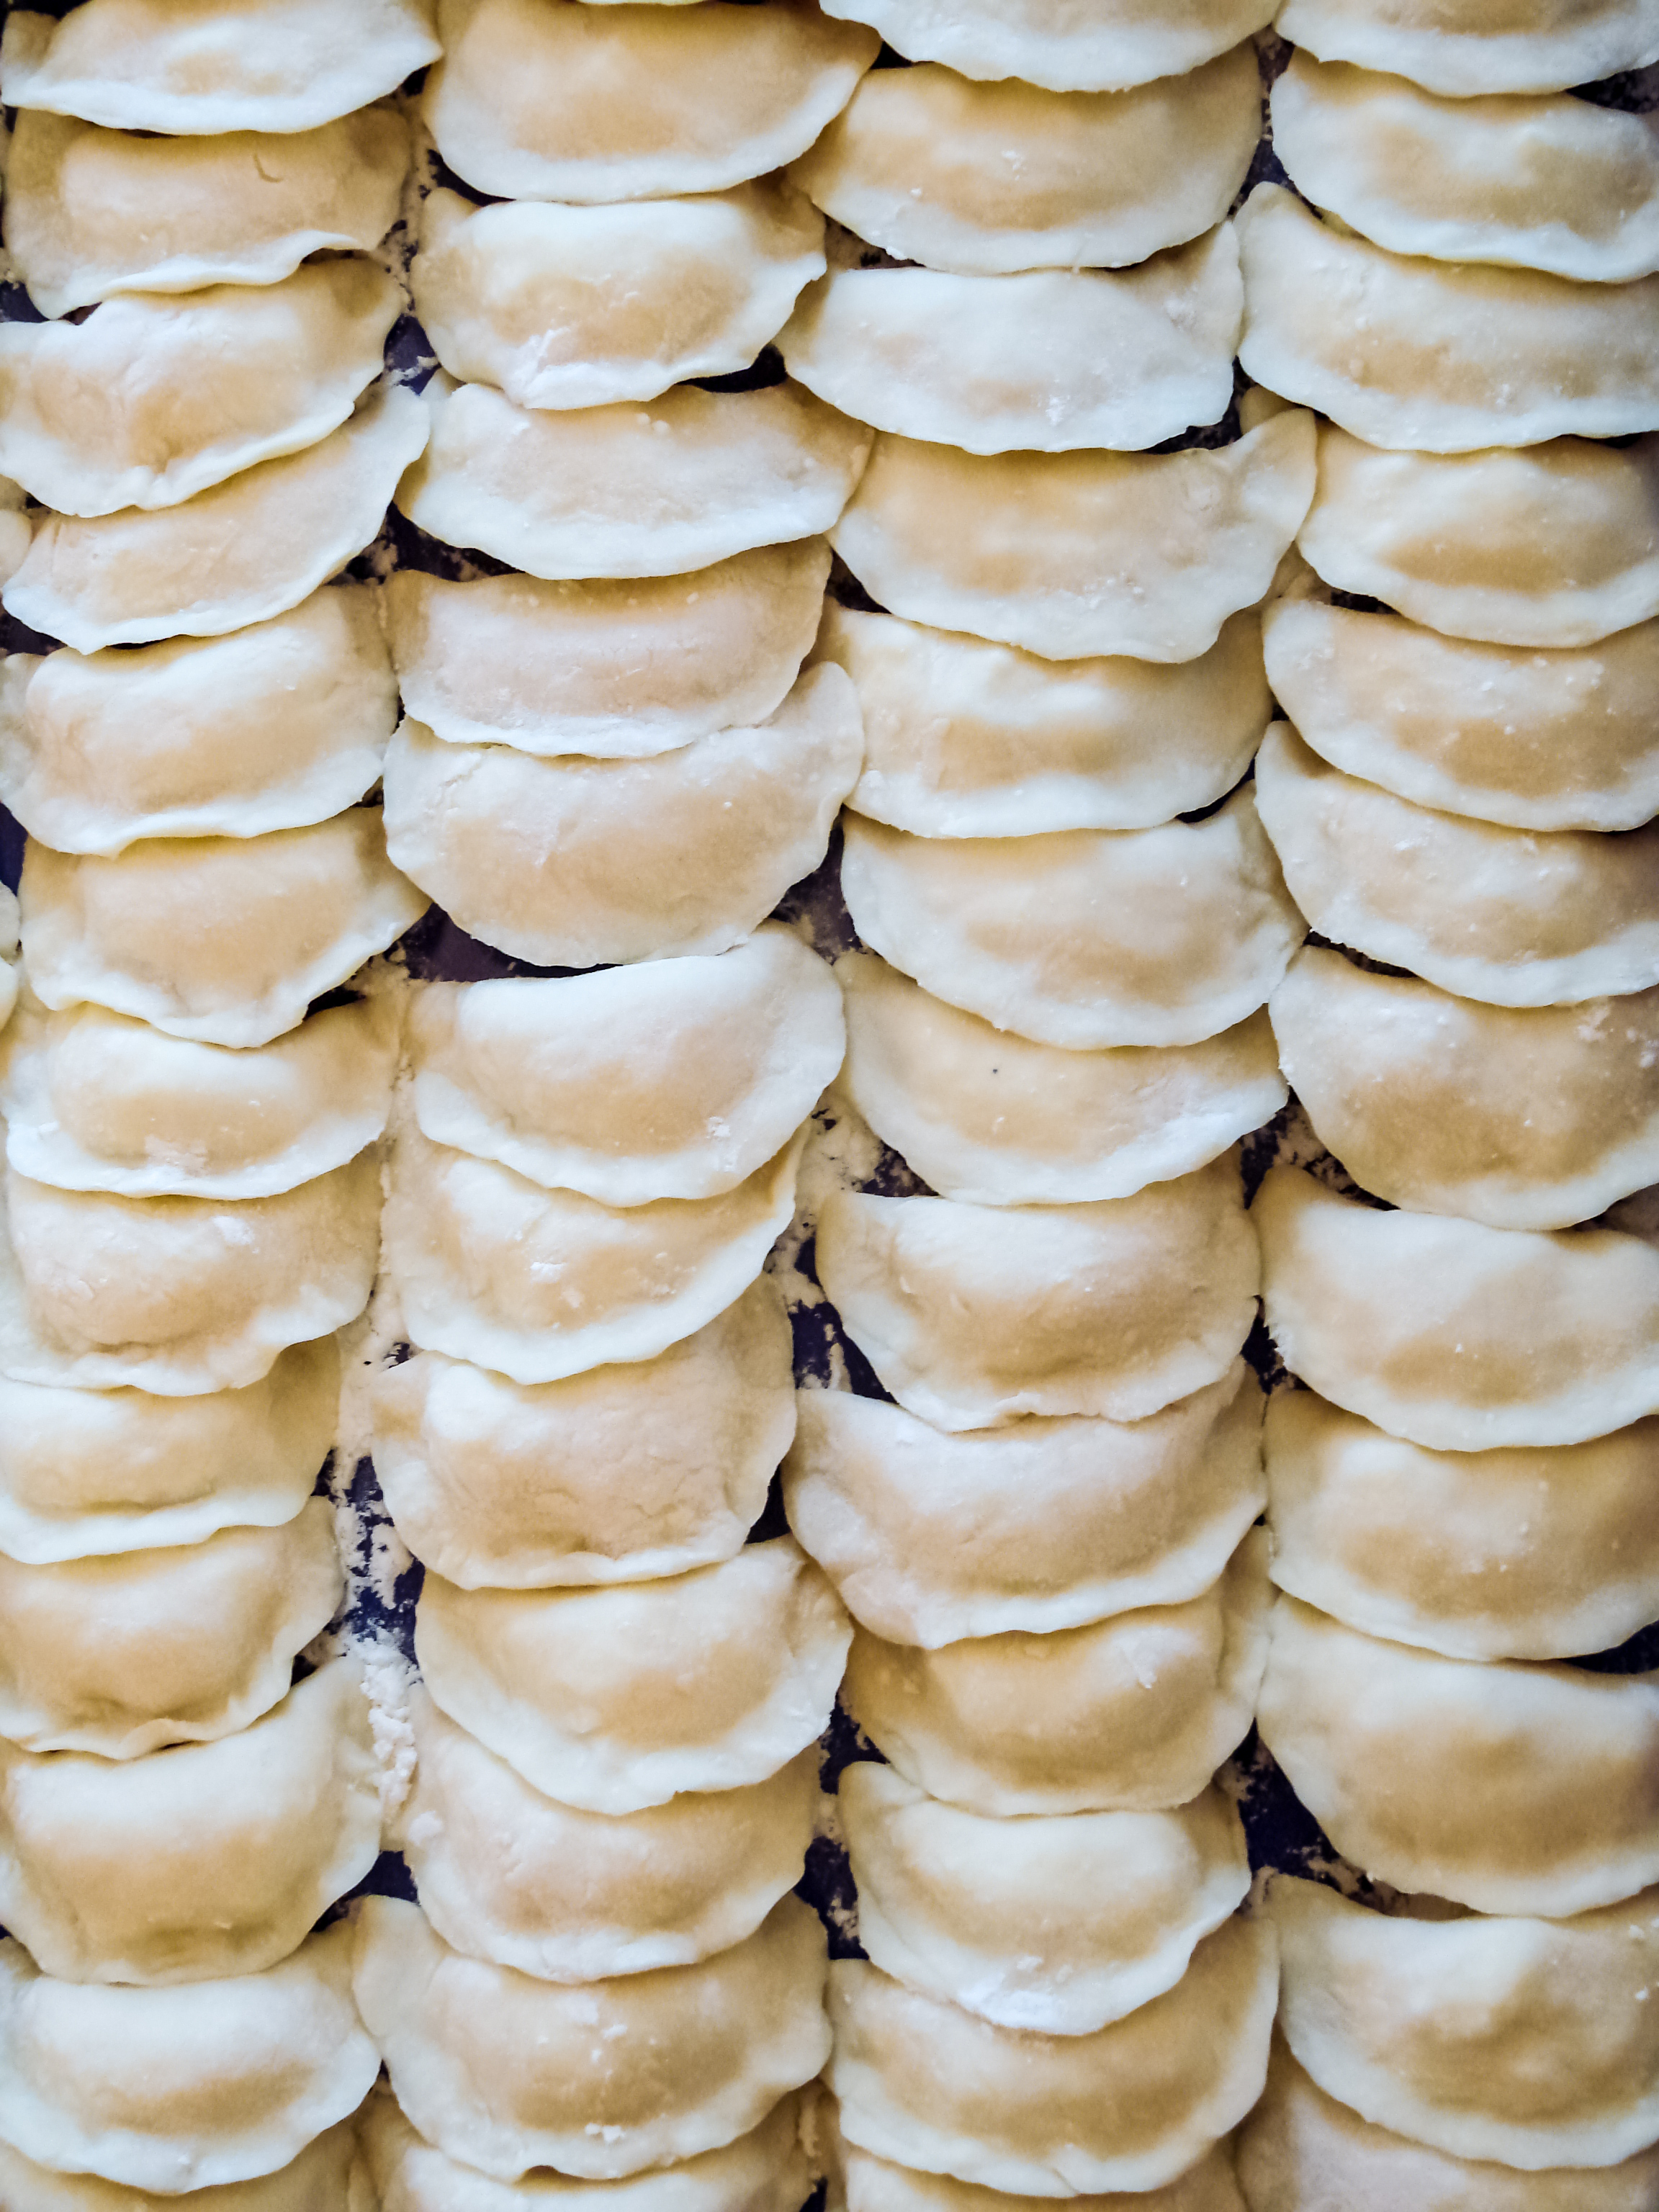 Fresh homemade delicious dumplings (vare